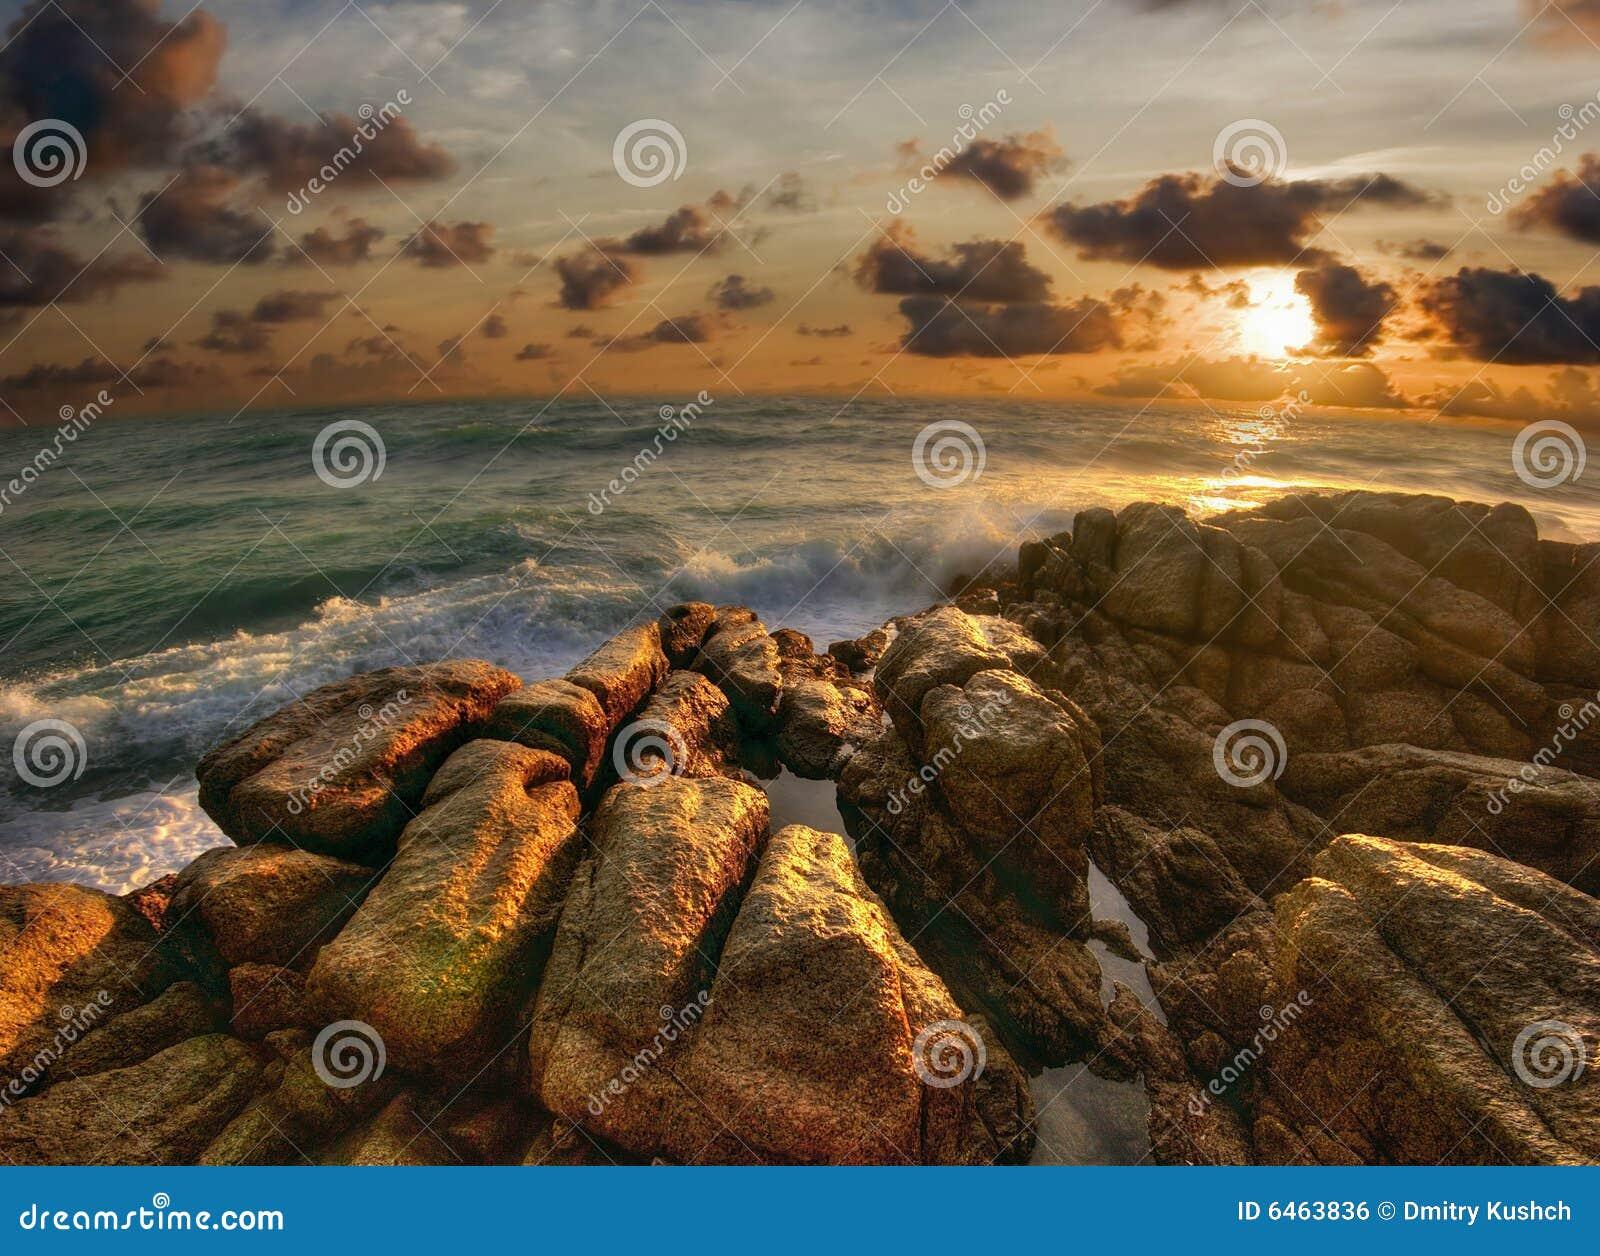 Fala phuket stone